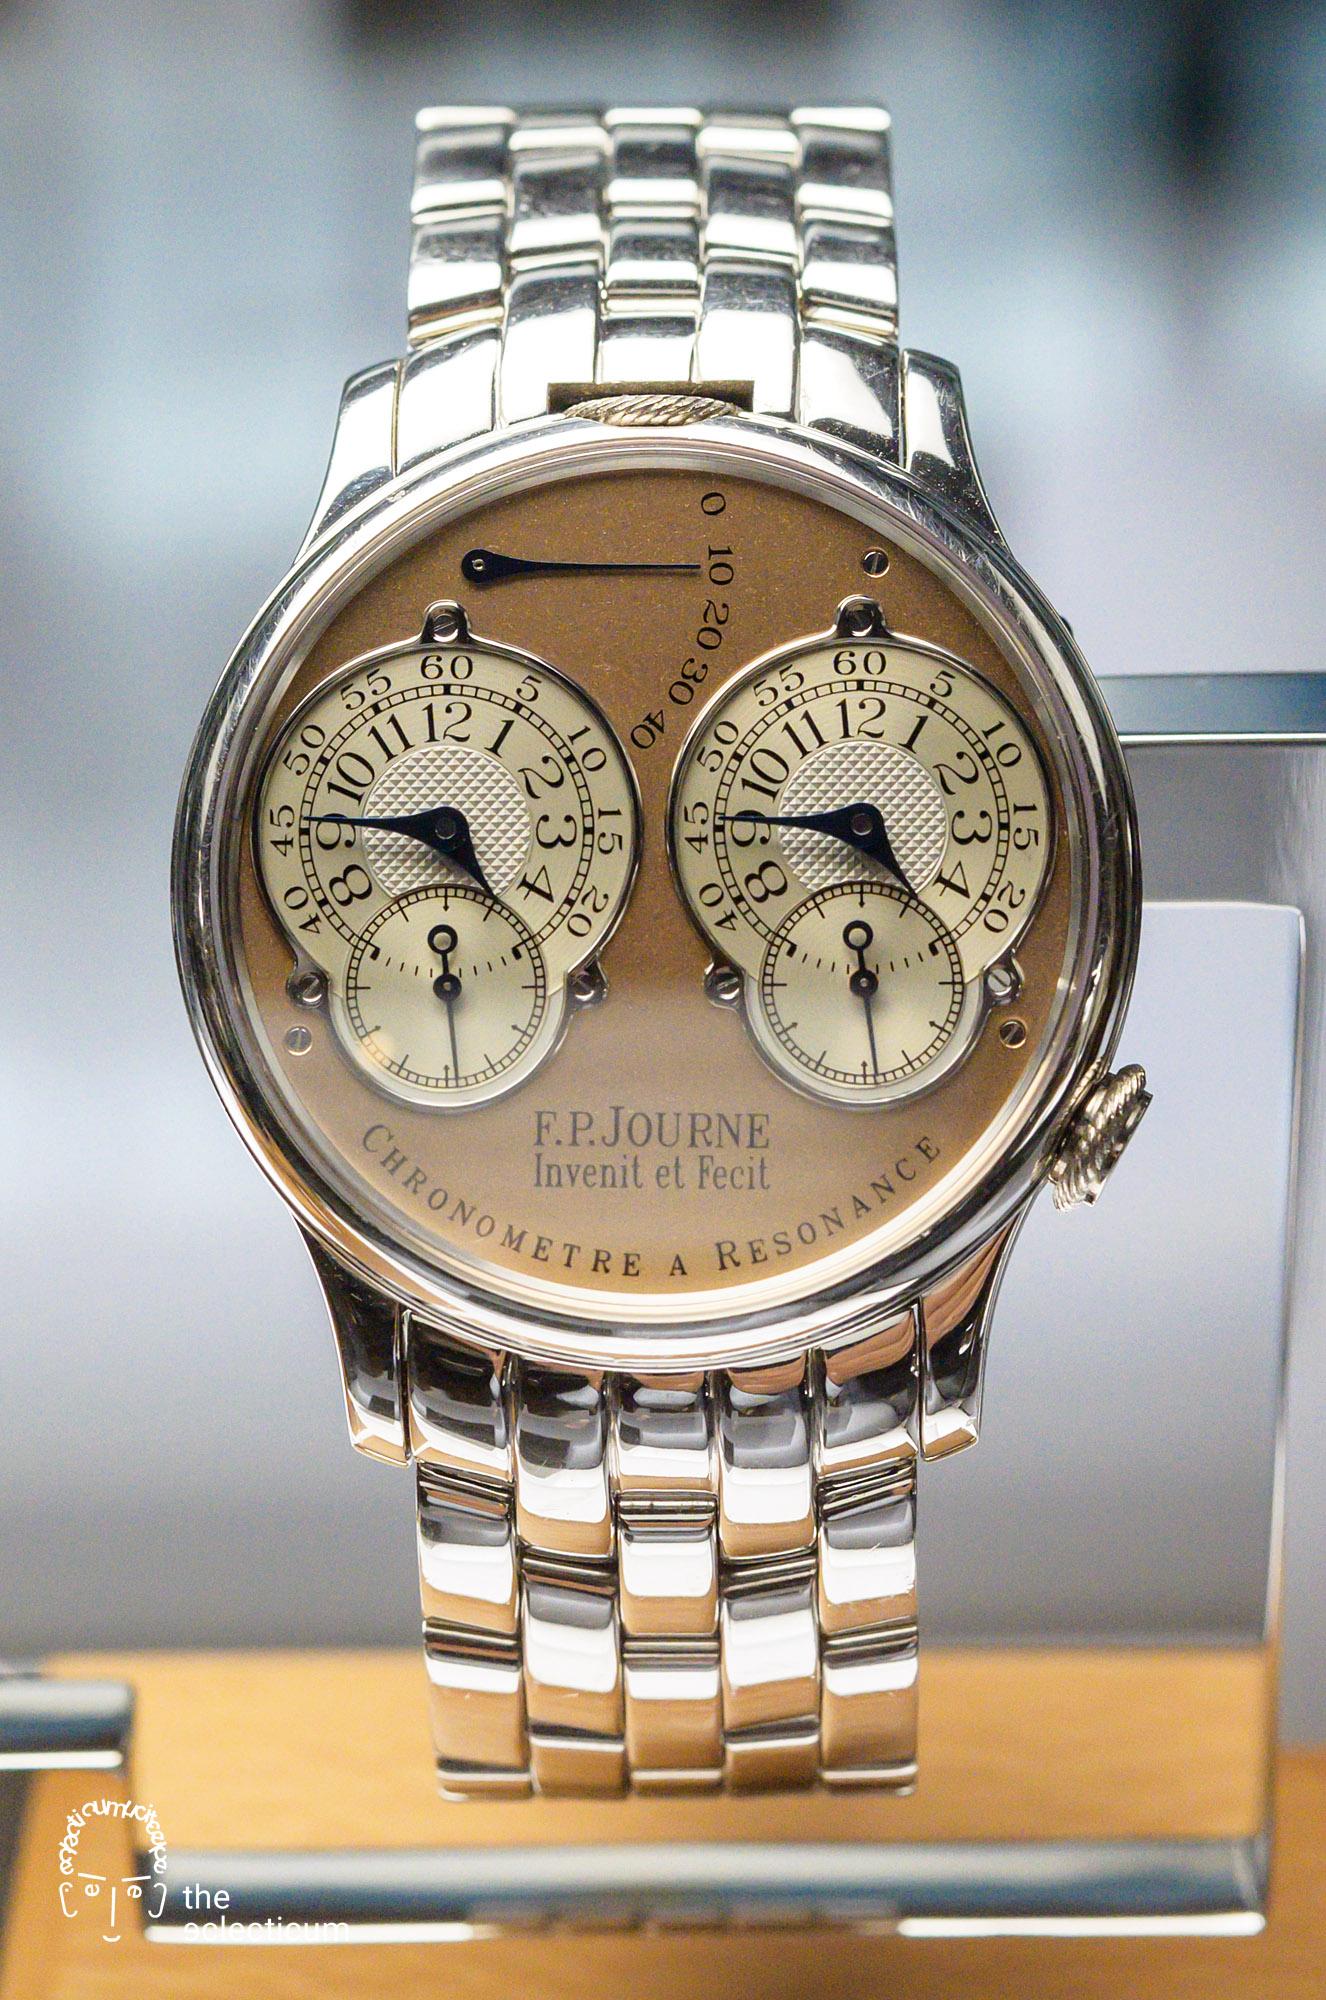 Francois-Paul Journe Chronomètre à Résonance Series 1 platinum bracelet Gabriel Tortella